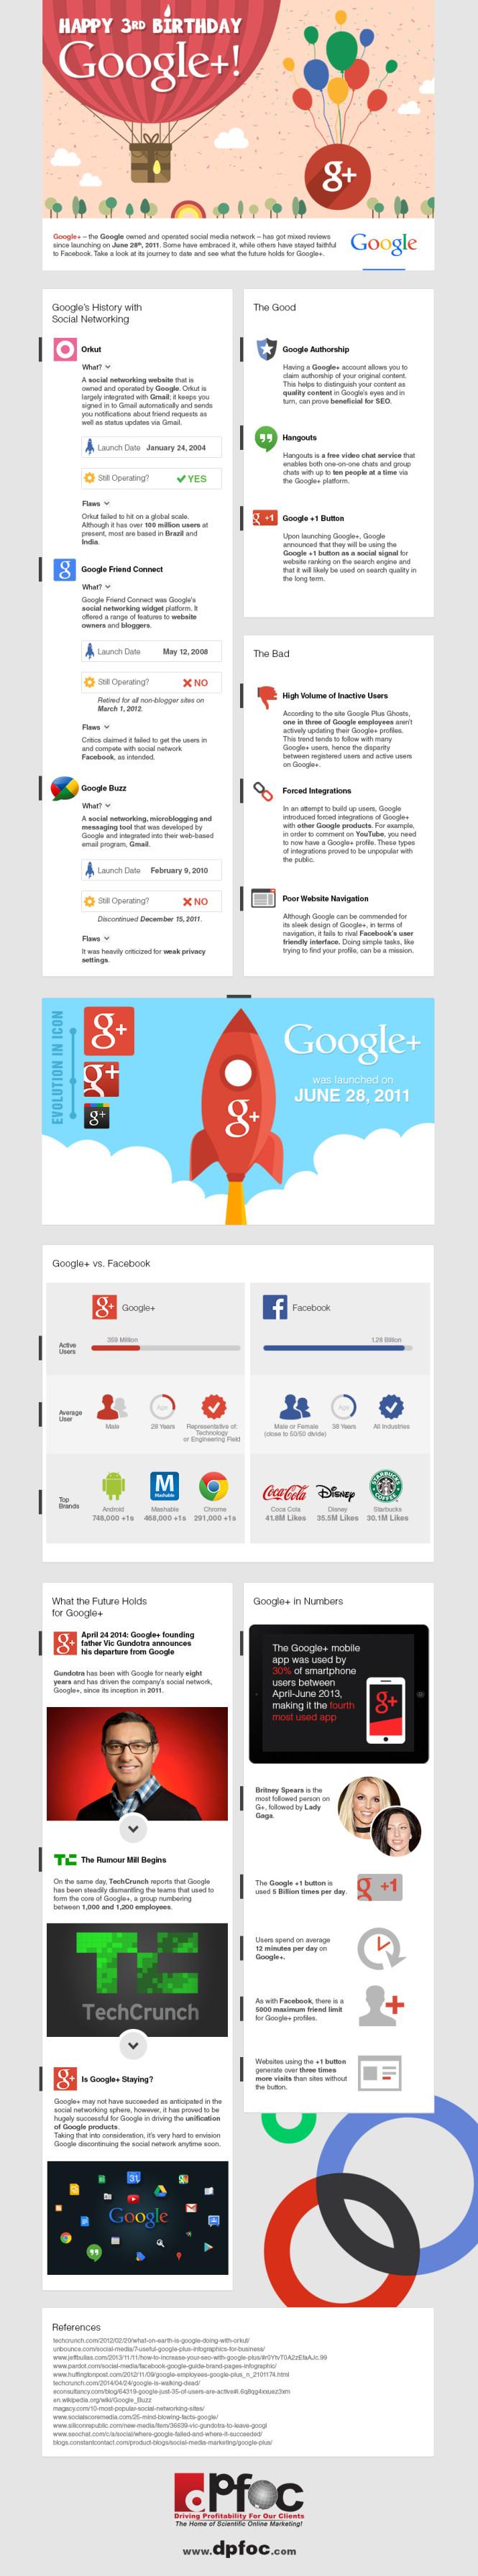 DPFOC-IG-Google-Plus